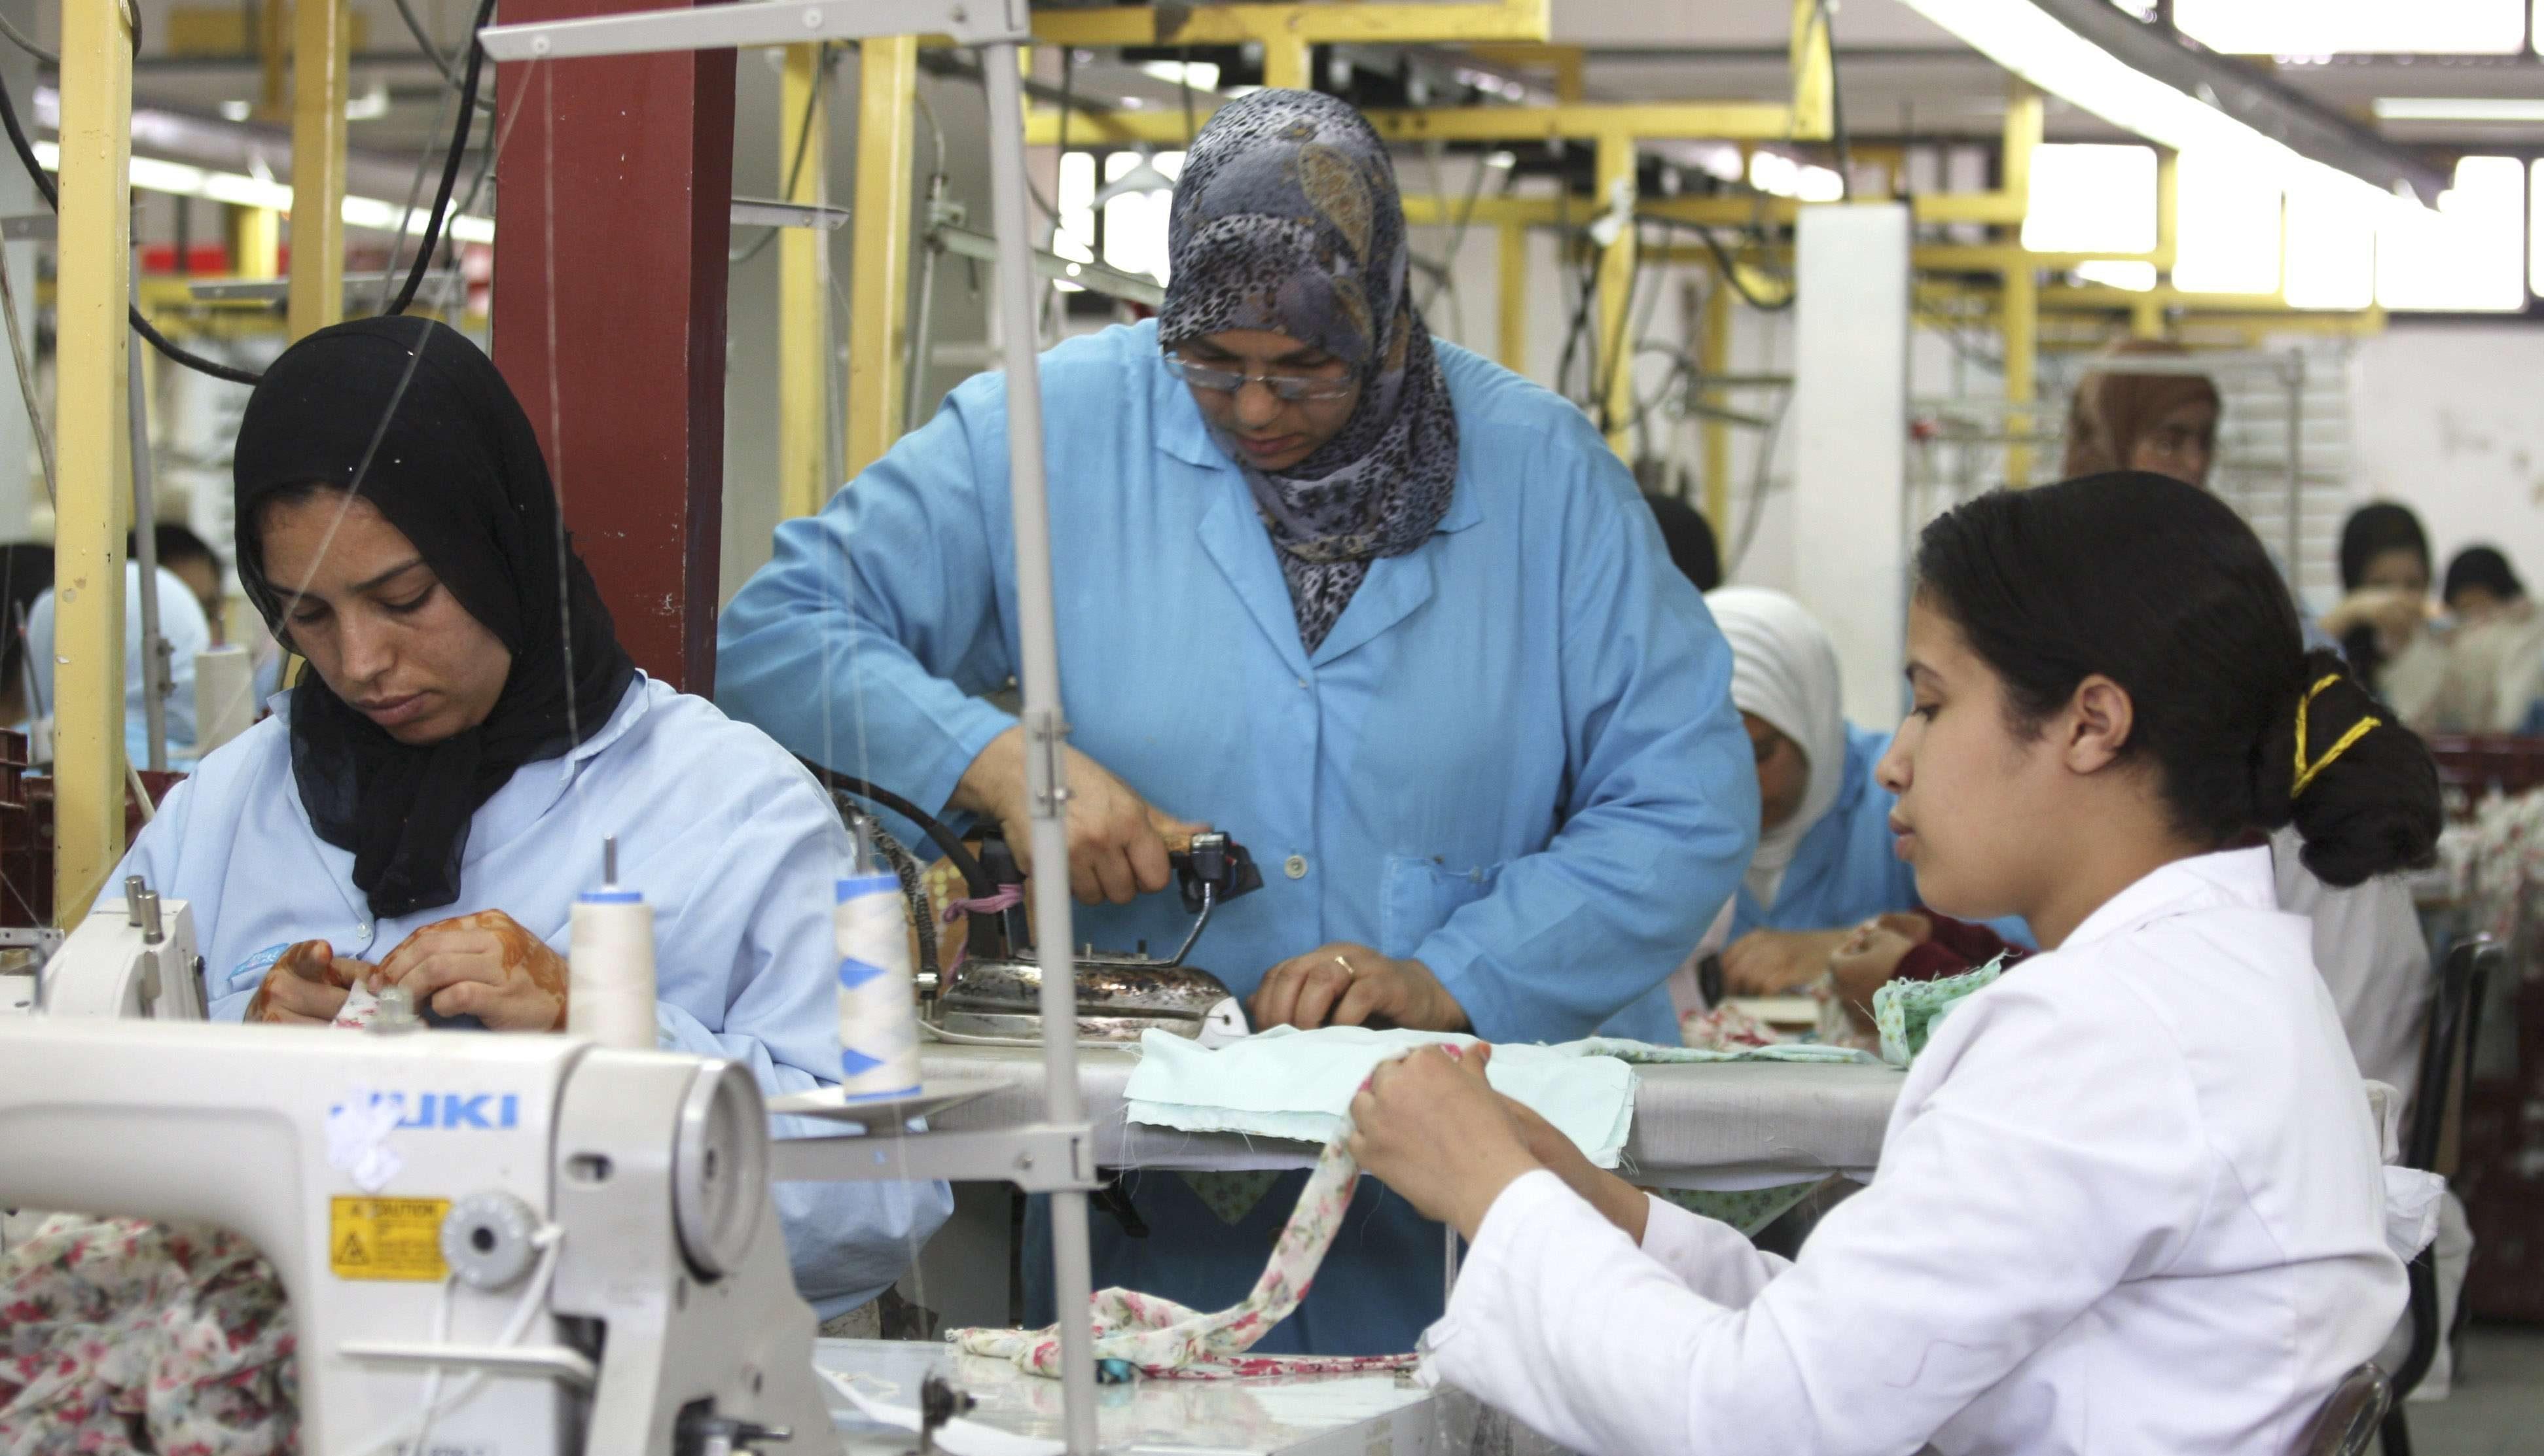 Des ouvrières à l'usine de textile d'Abdelhai Bessa à Salé, au Maroc, le 11 mars 2009.